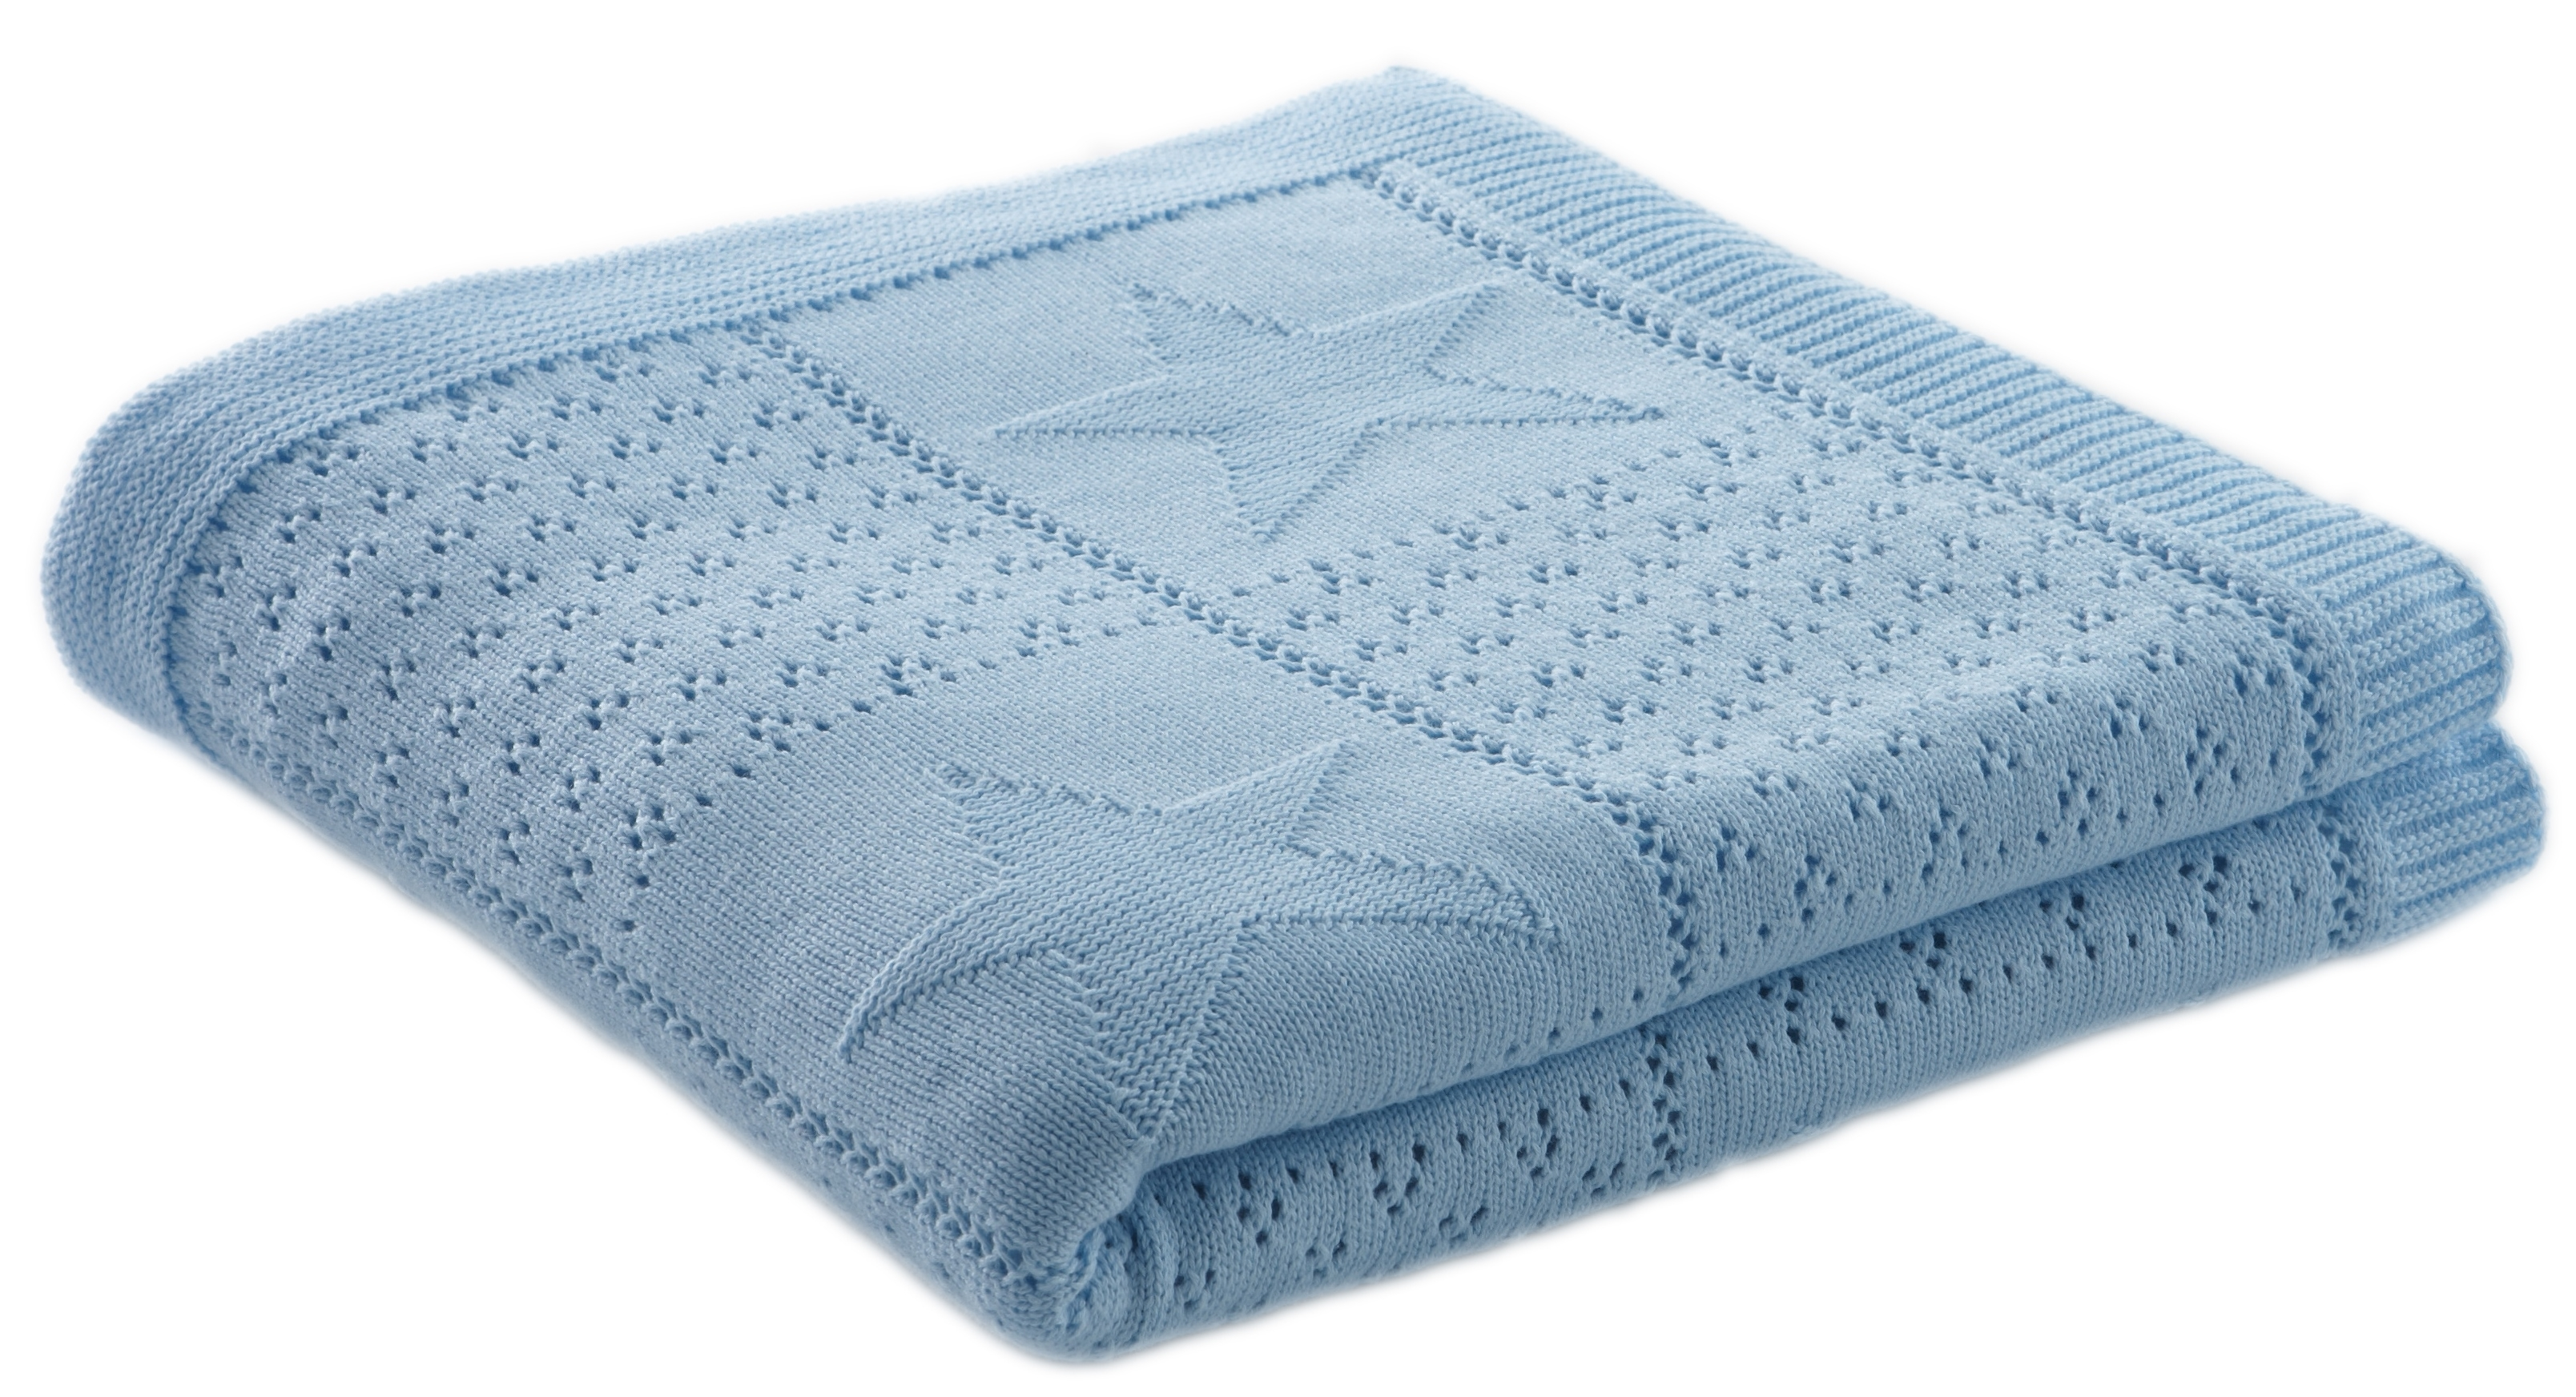 couverture tricot coton bleu ciel etoiles doux nid. Black Bedroom Furniture Sets. Home Design Ideas